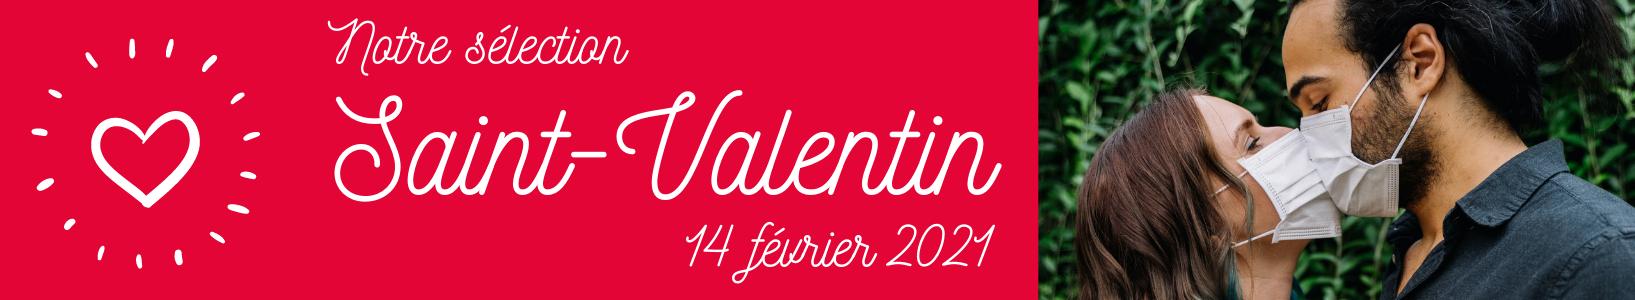 banniere saint valentin